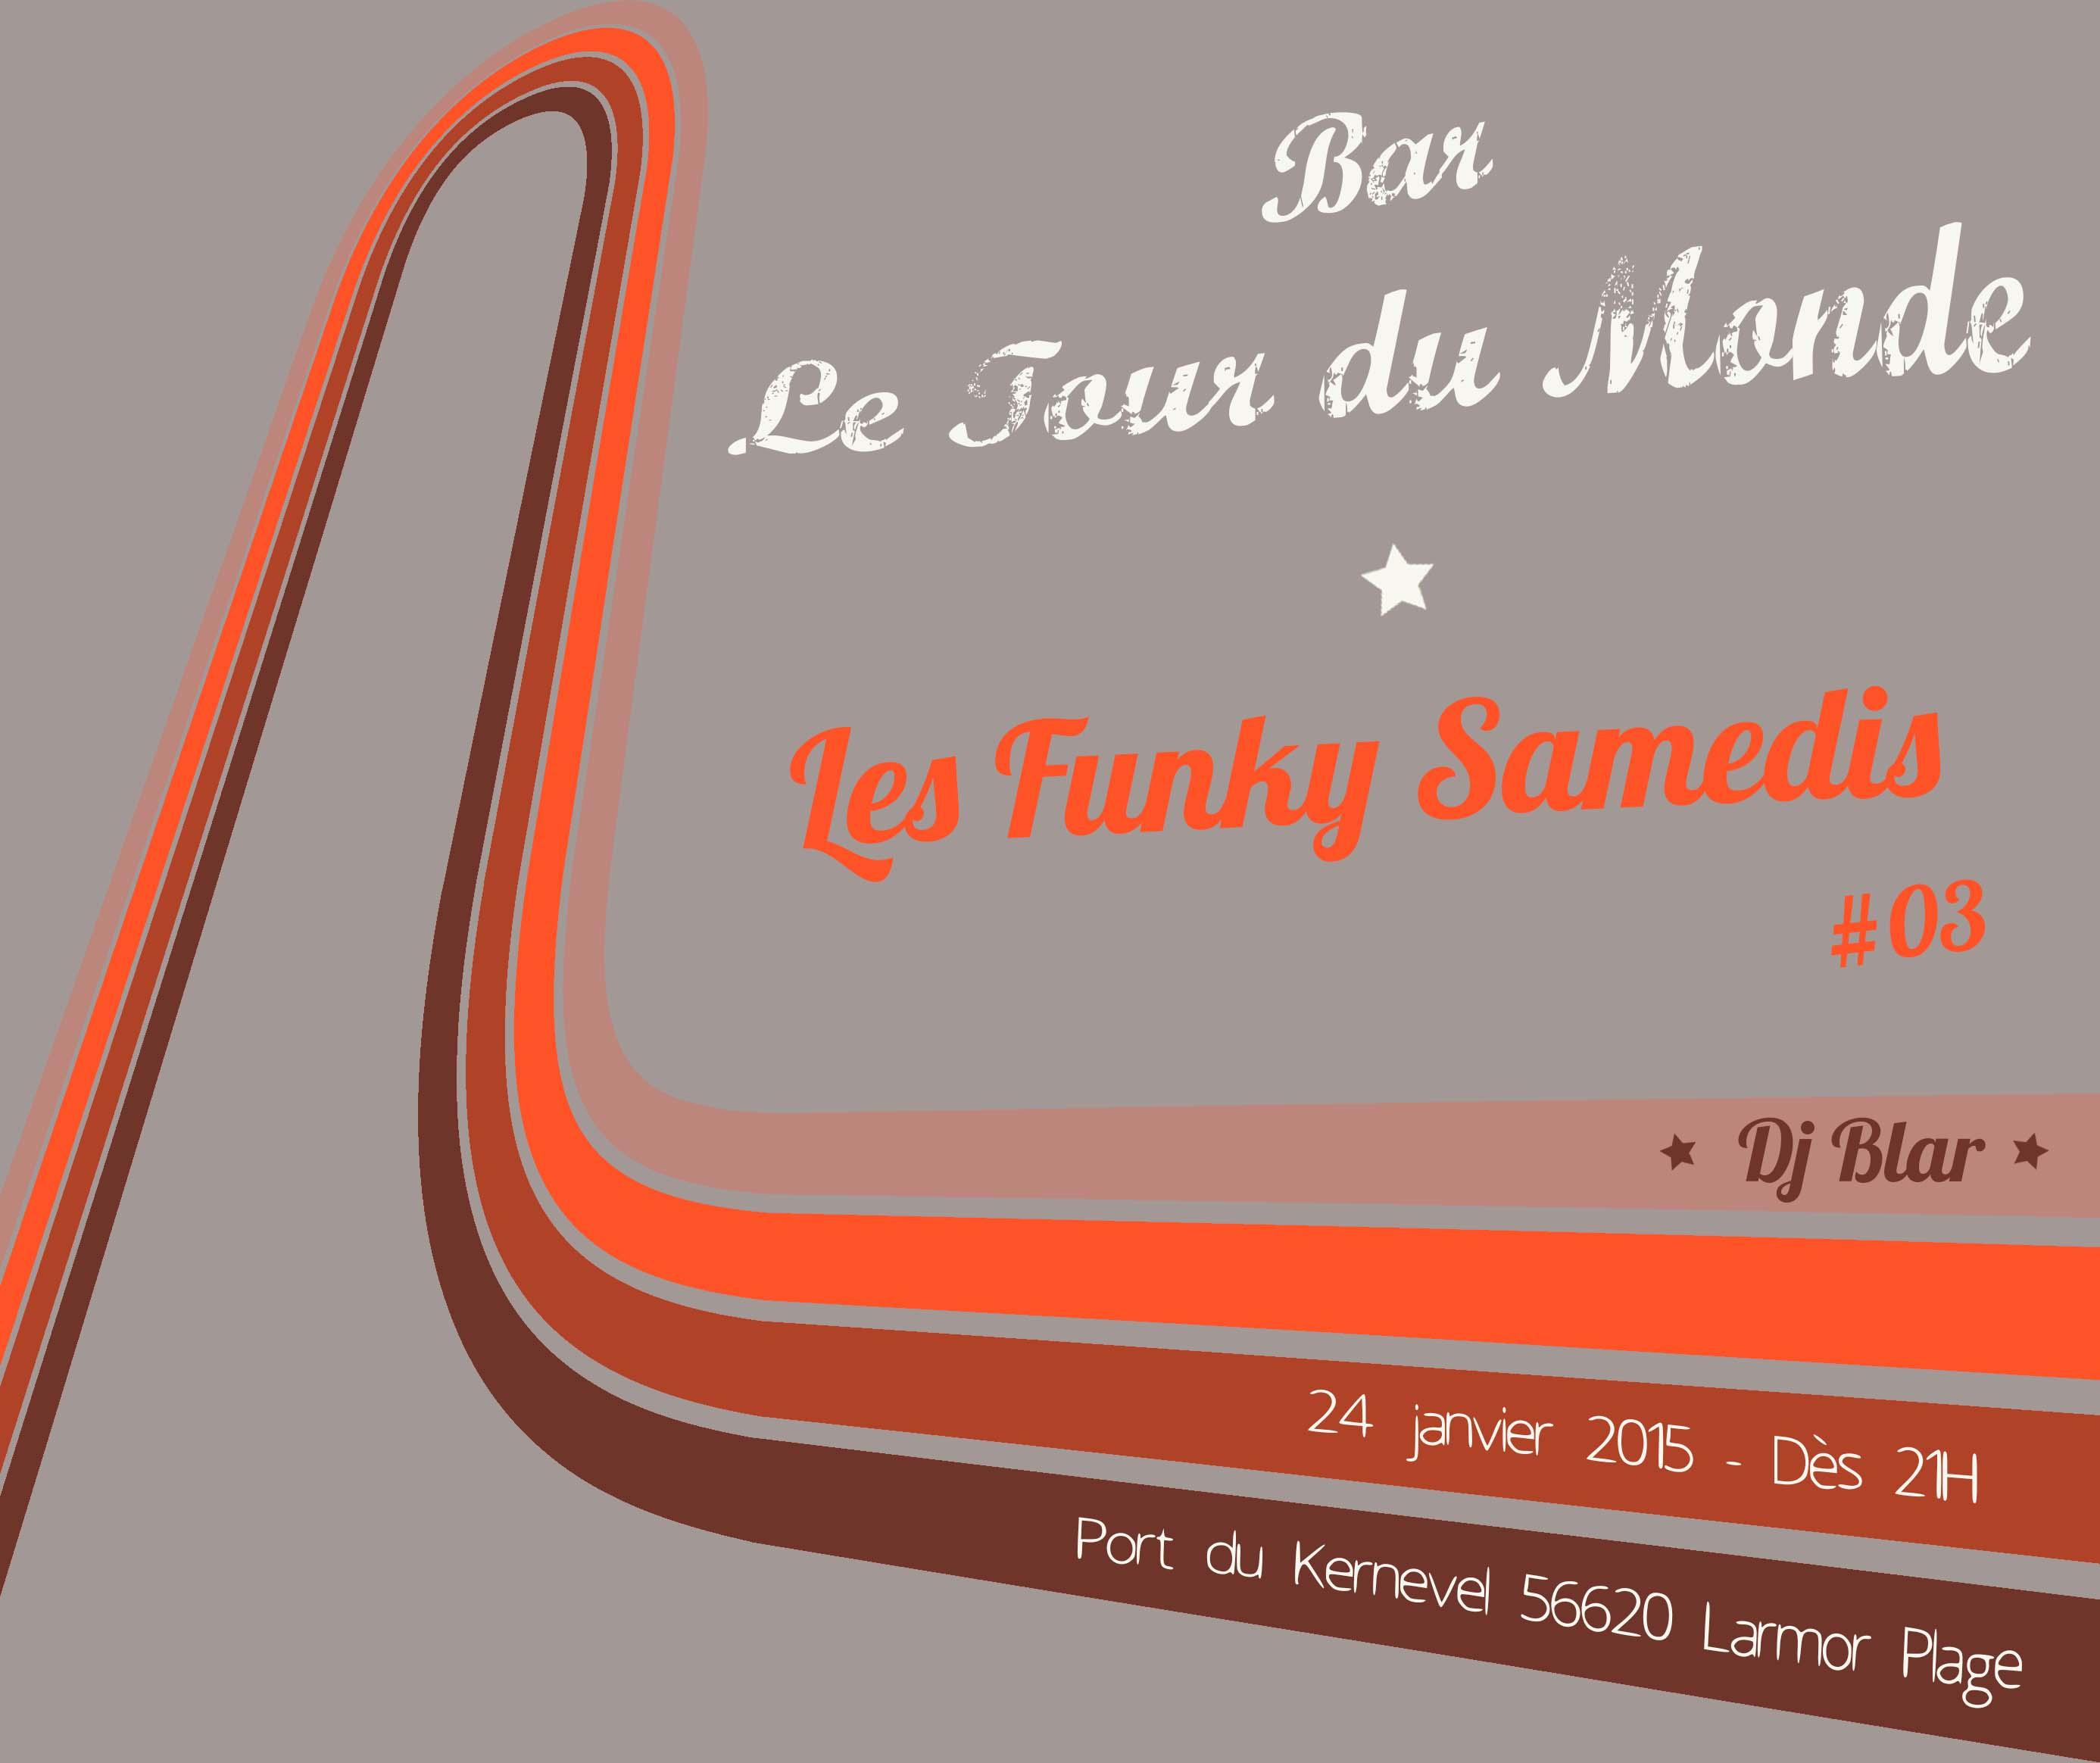 Les Funky Samedis_Dj Blar_Le Tour Du Monde janvier 2015